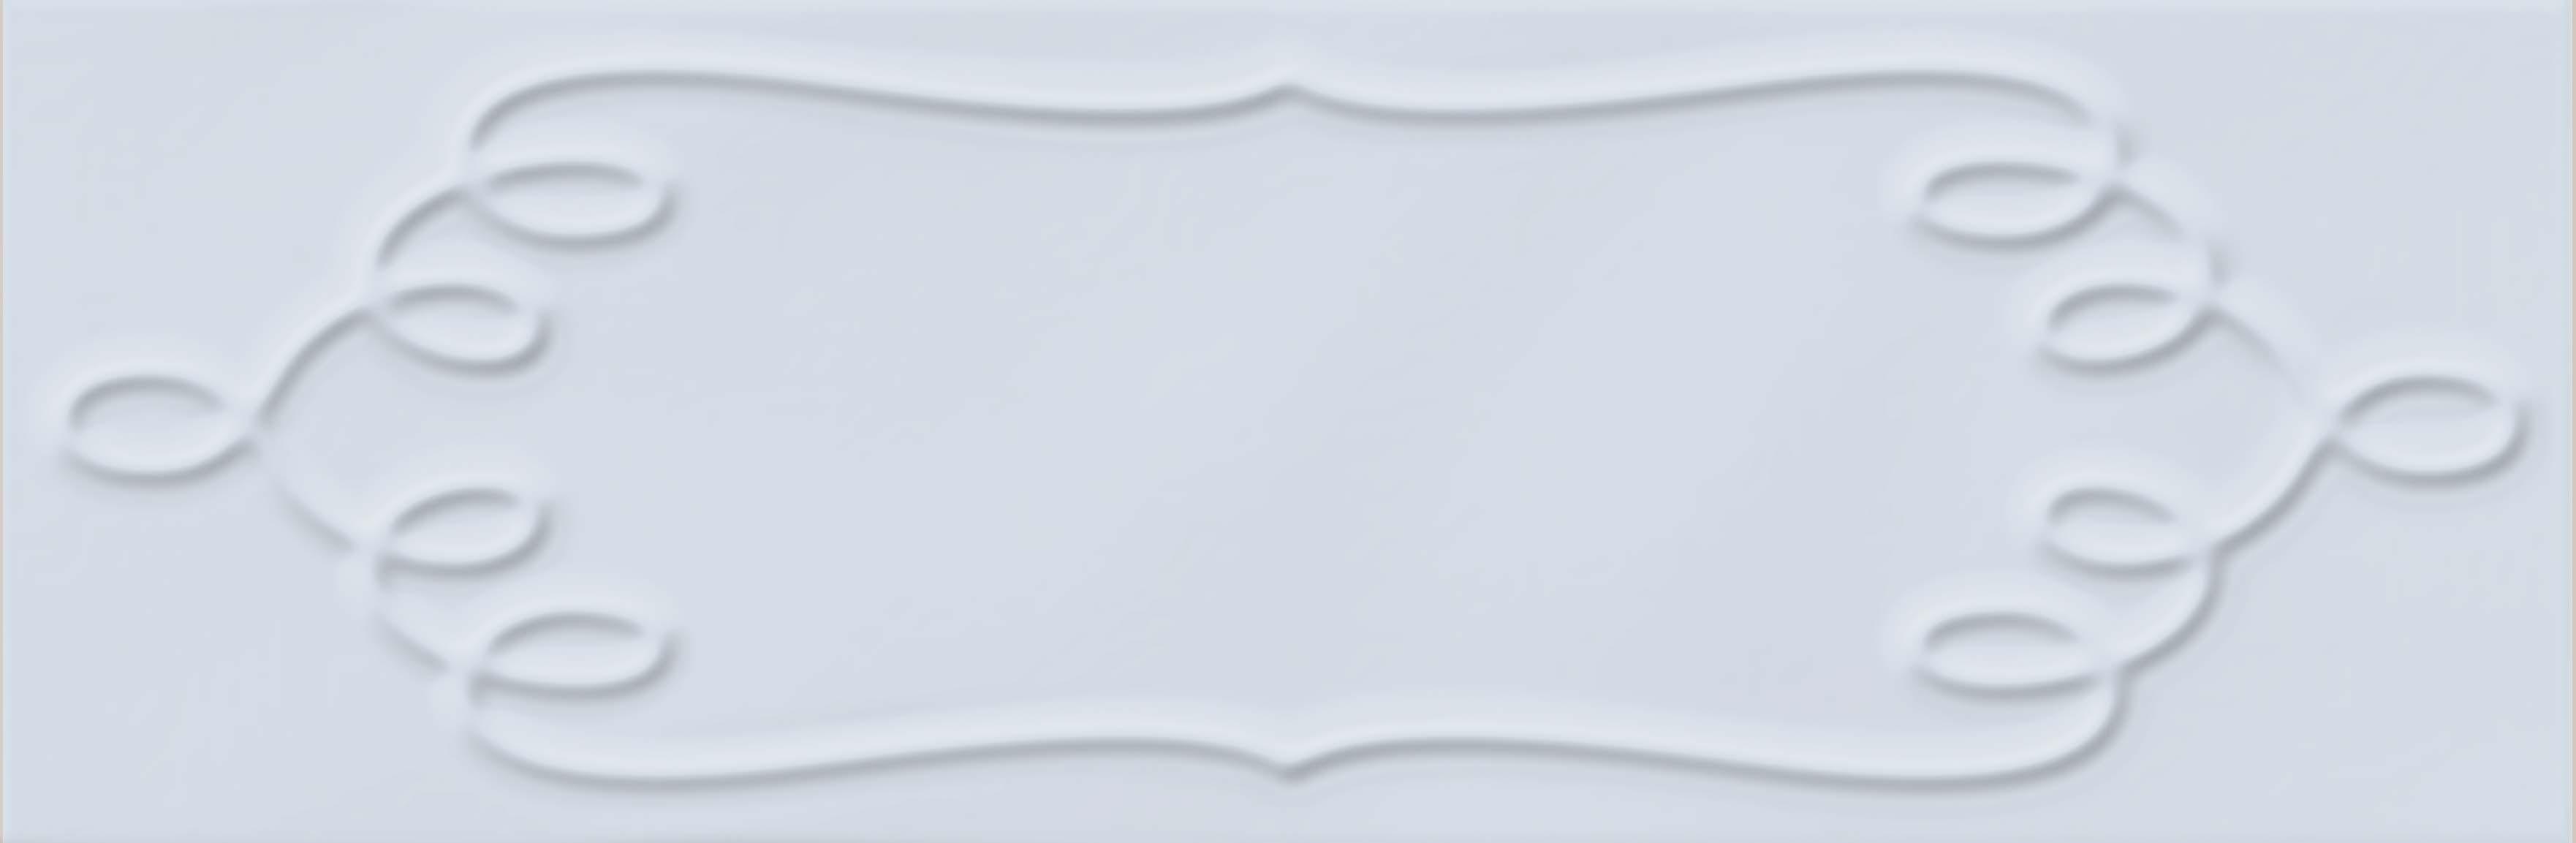 10X30 Homemade Örgü Çerçeve Decor Sky Blue Glossy